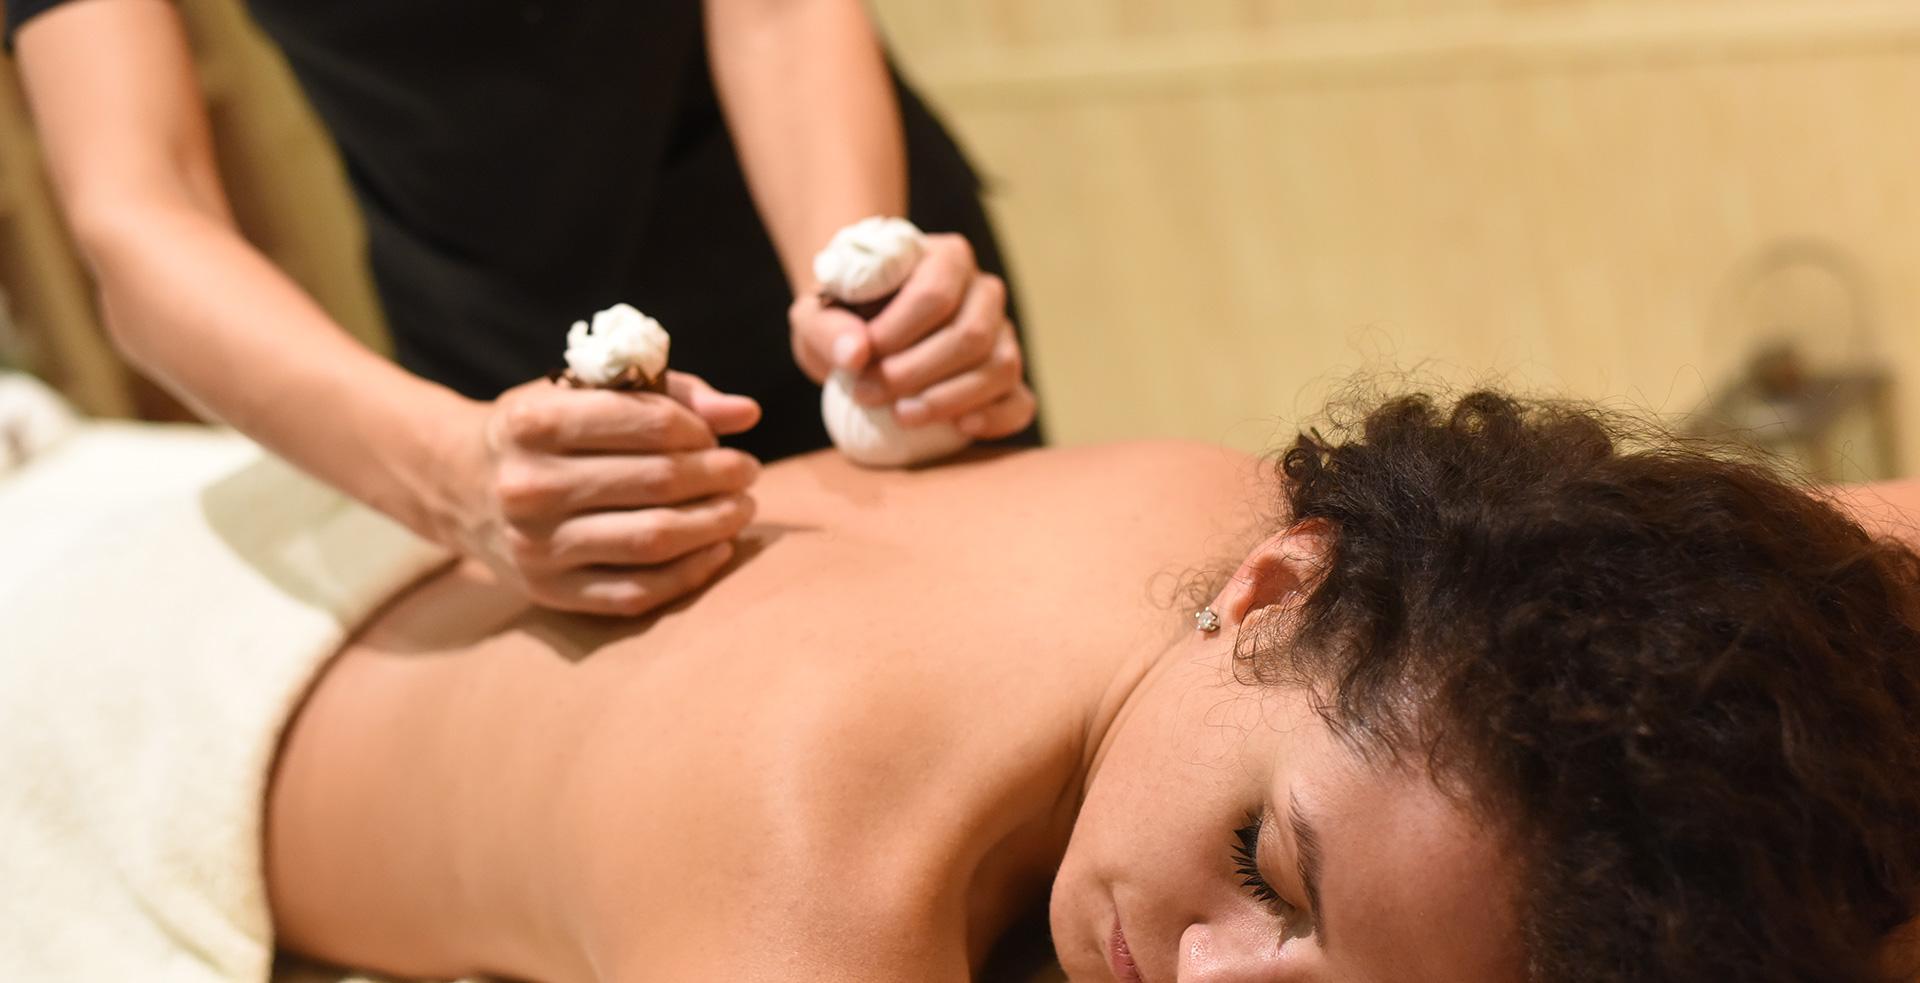 Tretman masaže u wellness i spa centru u Vrnjačkoj Banji